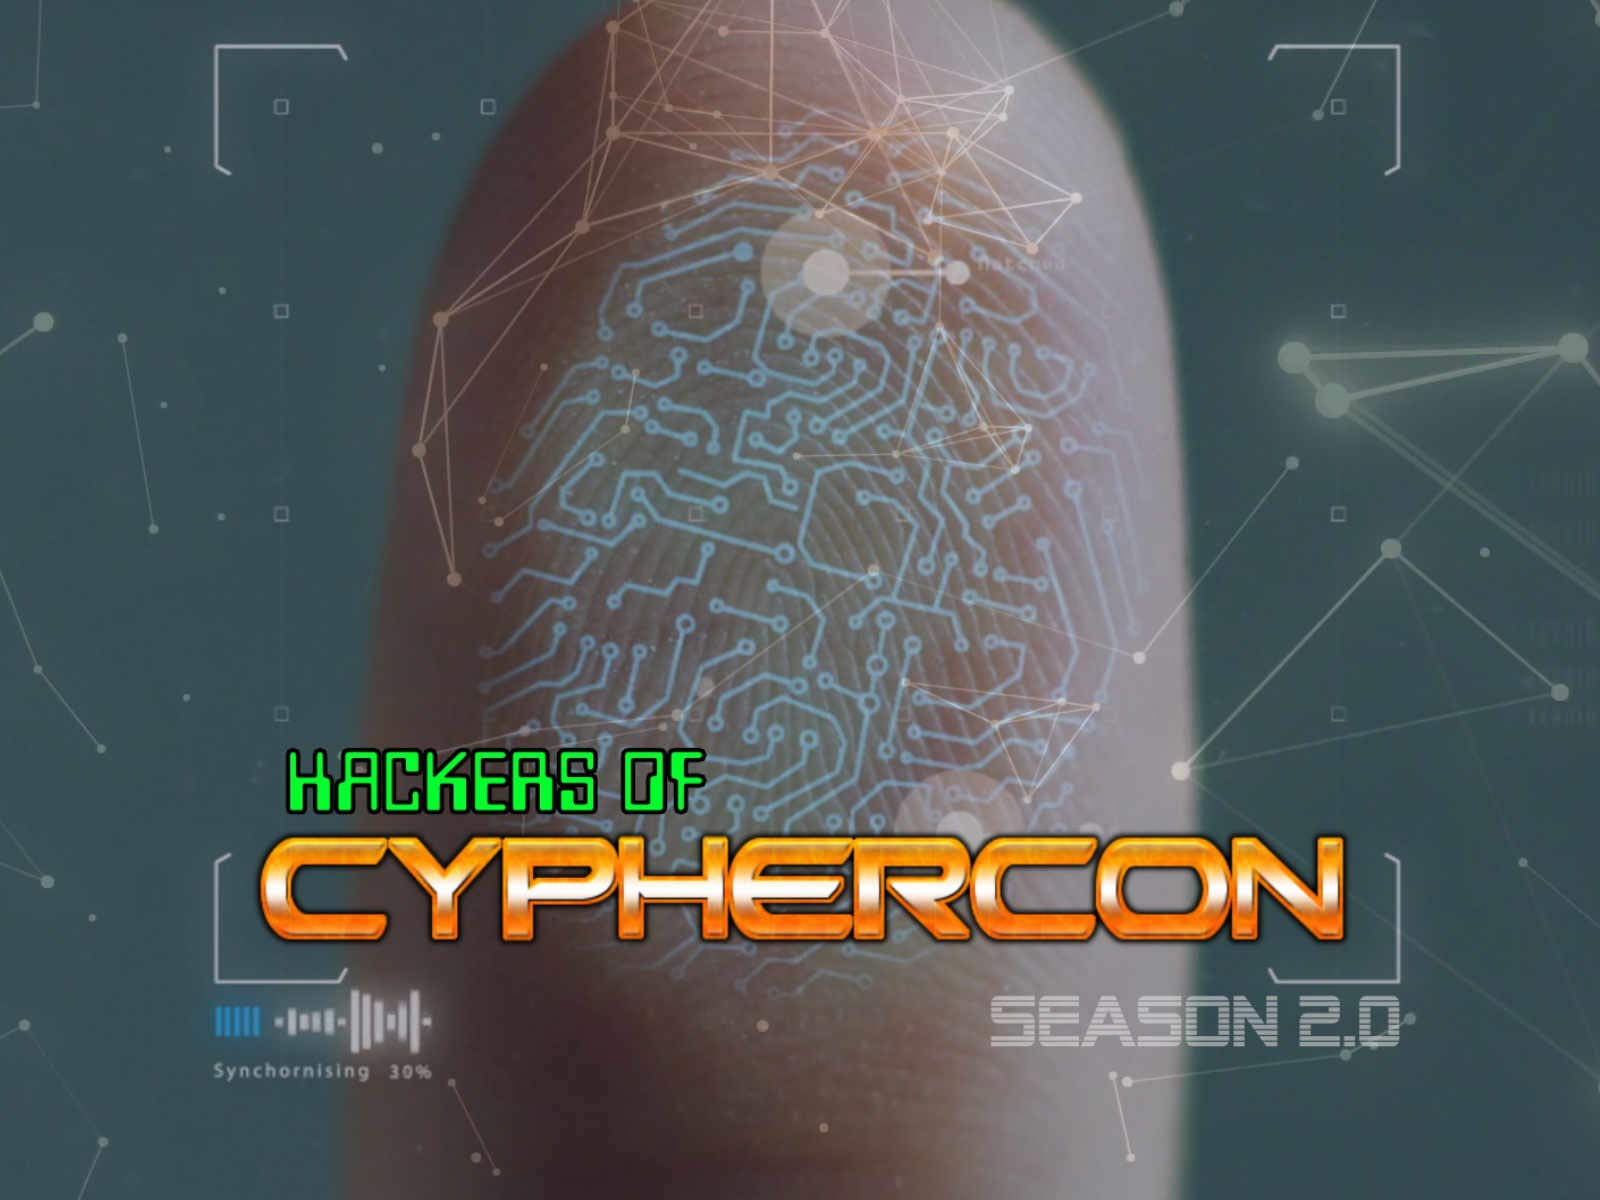 Hackers of CypherCon - Season 2